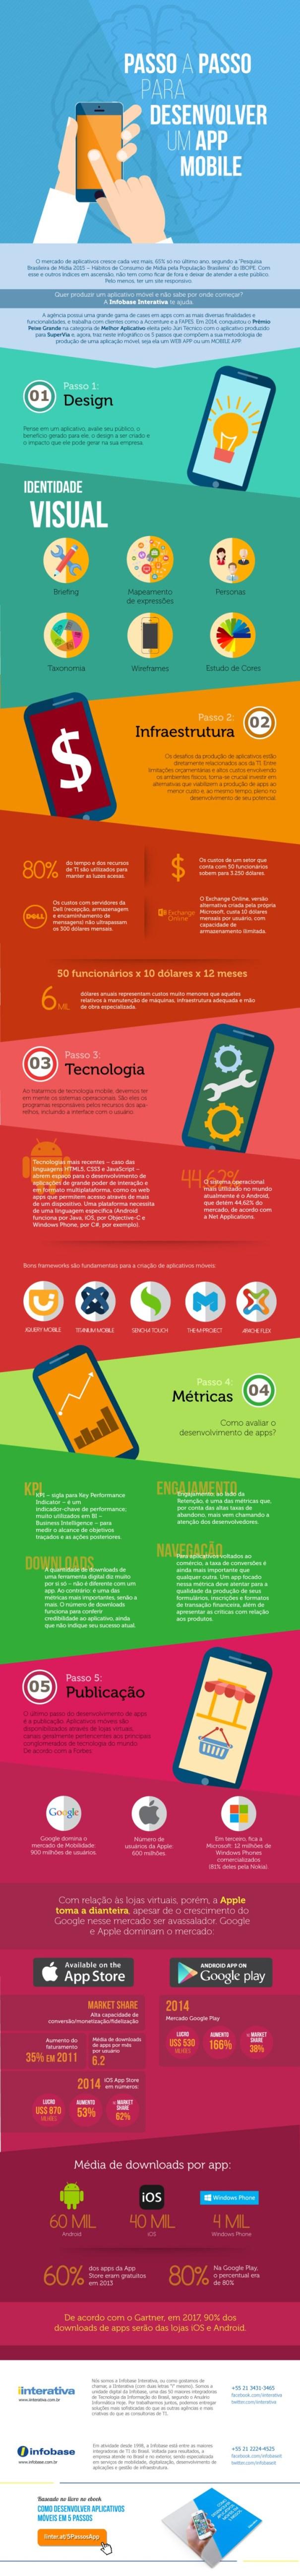 passo-a-passo-para-desenvolver-um-app-mobile-com-alterações1